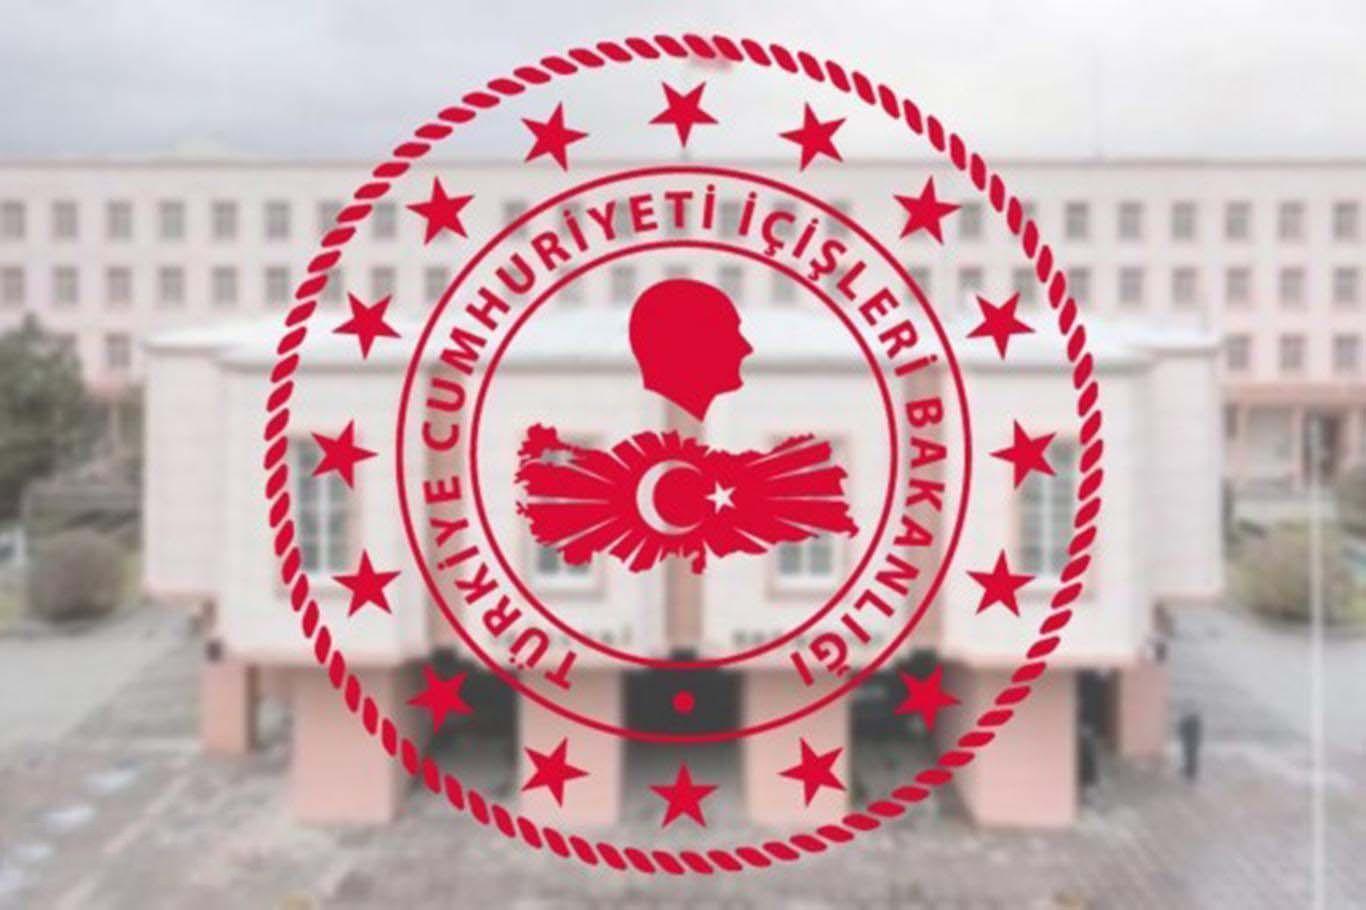 İçişleri Bakanlığı: Umuma açık istirahat ve eğlence yerlerinin faaliyetleri durduruldu